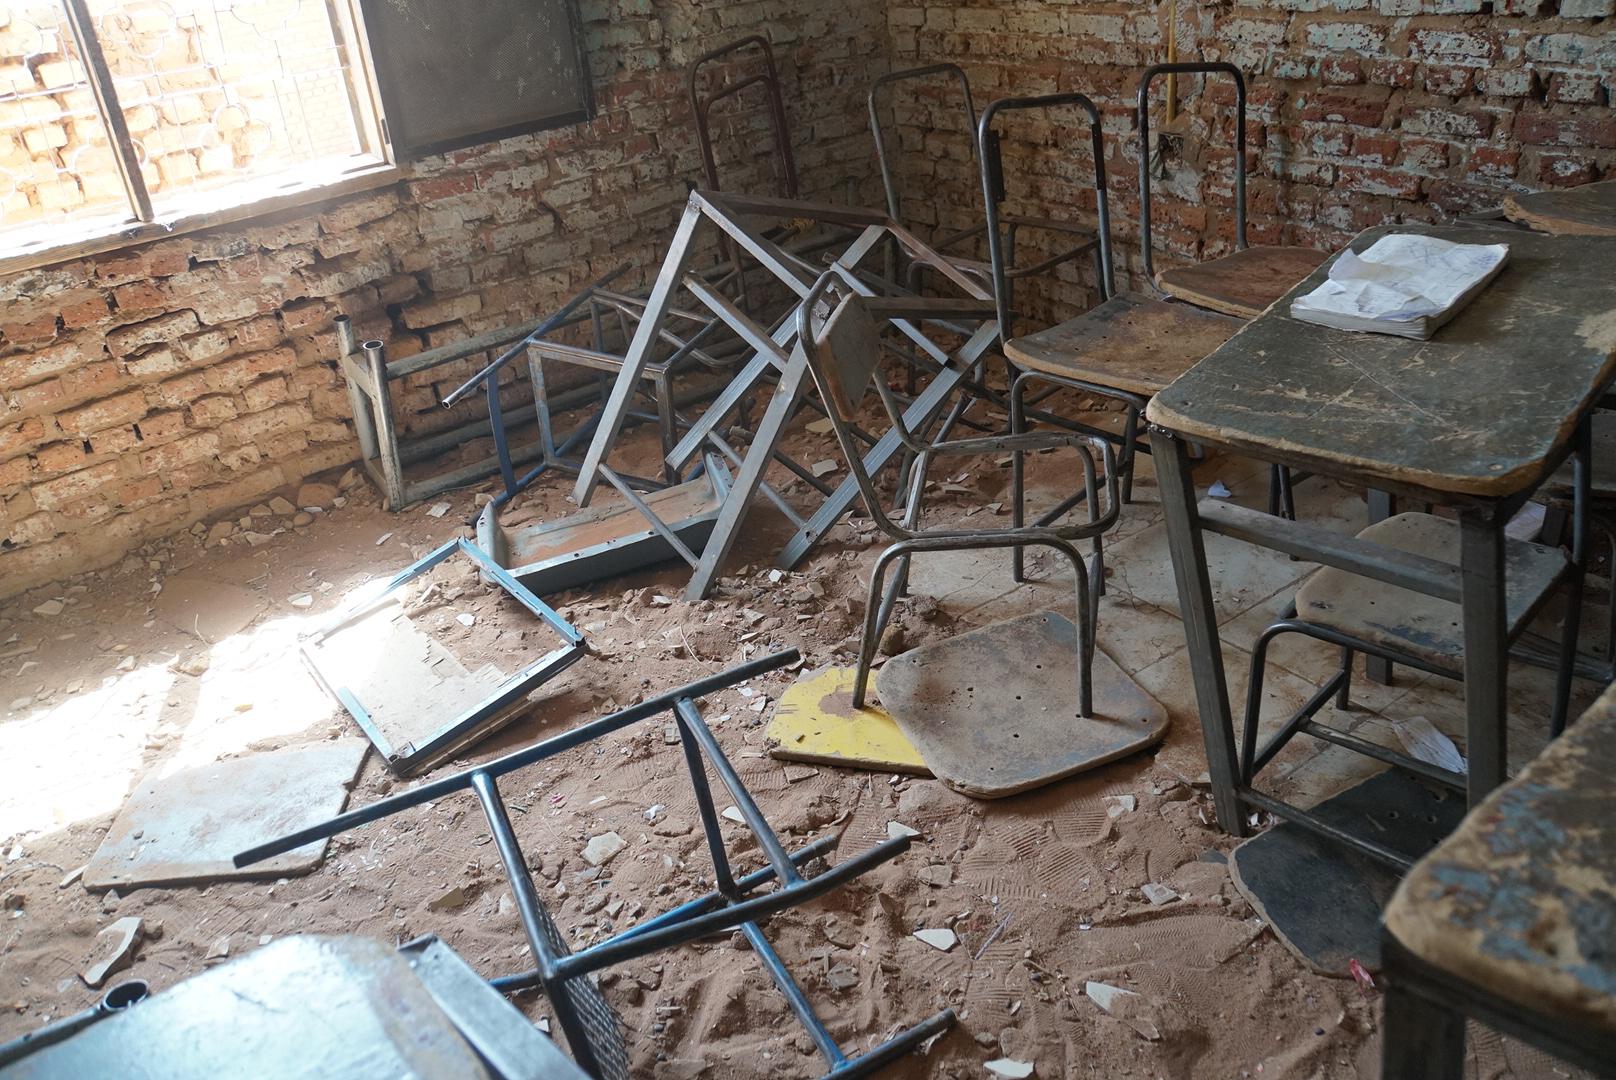 鉄枠だけ残っている学校の机や椅子